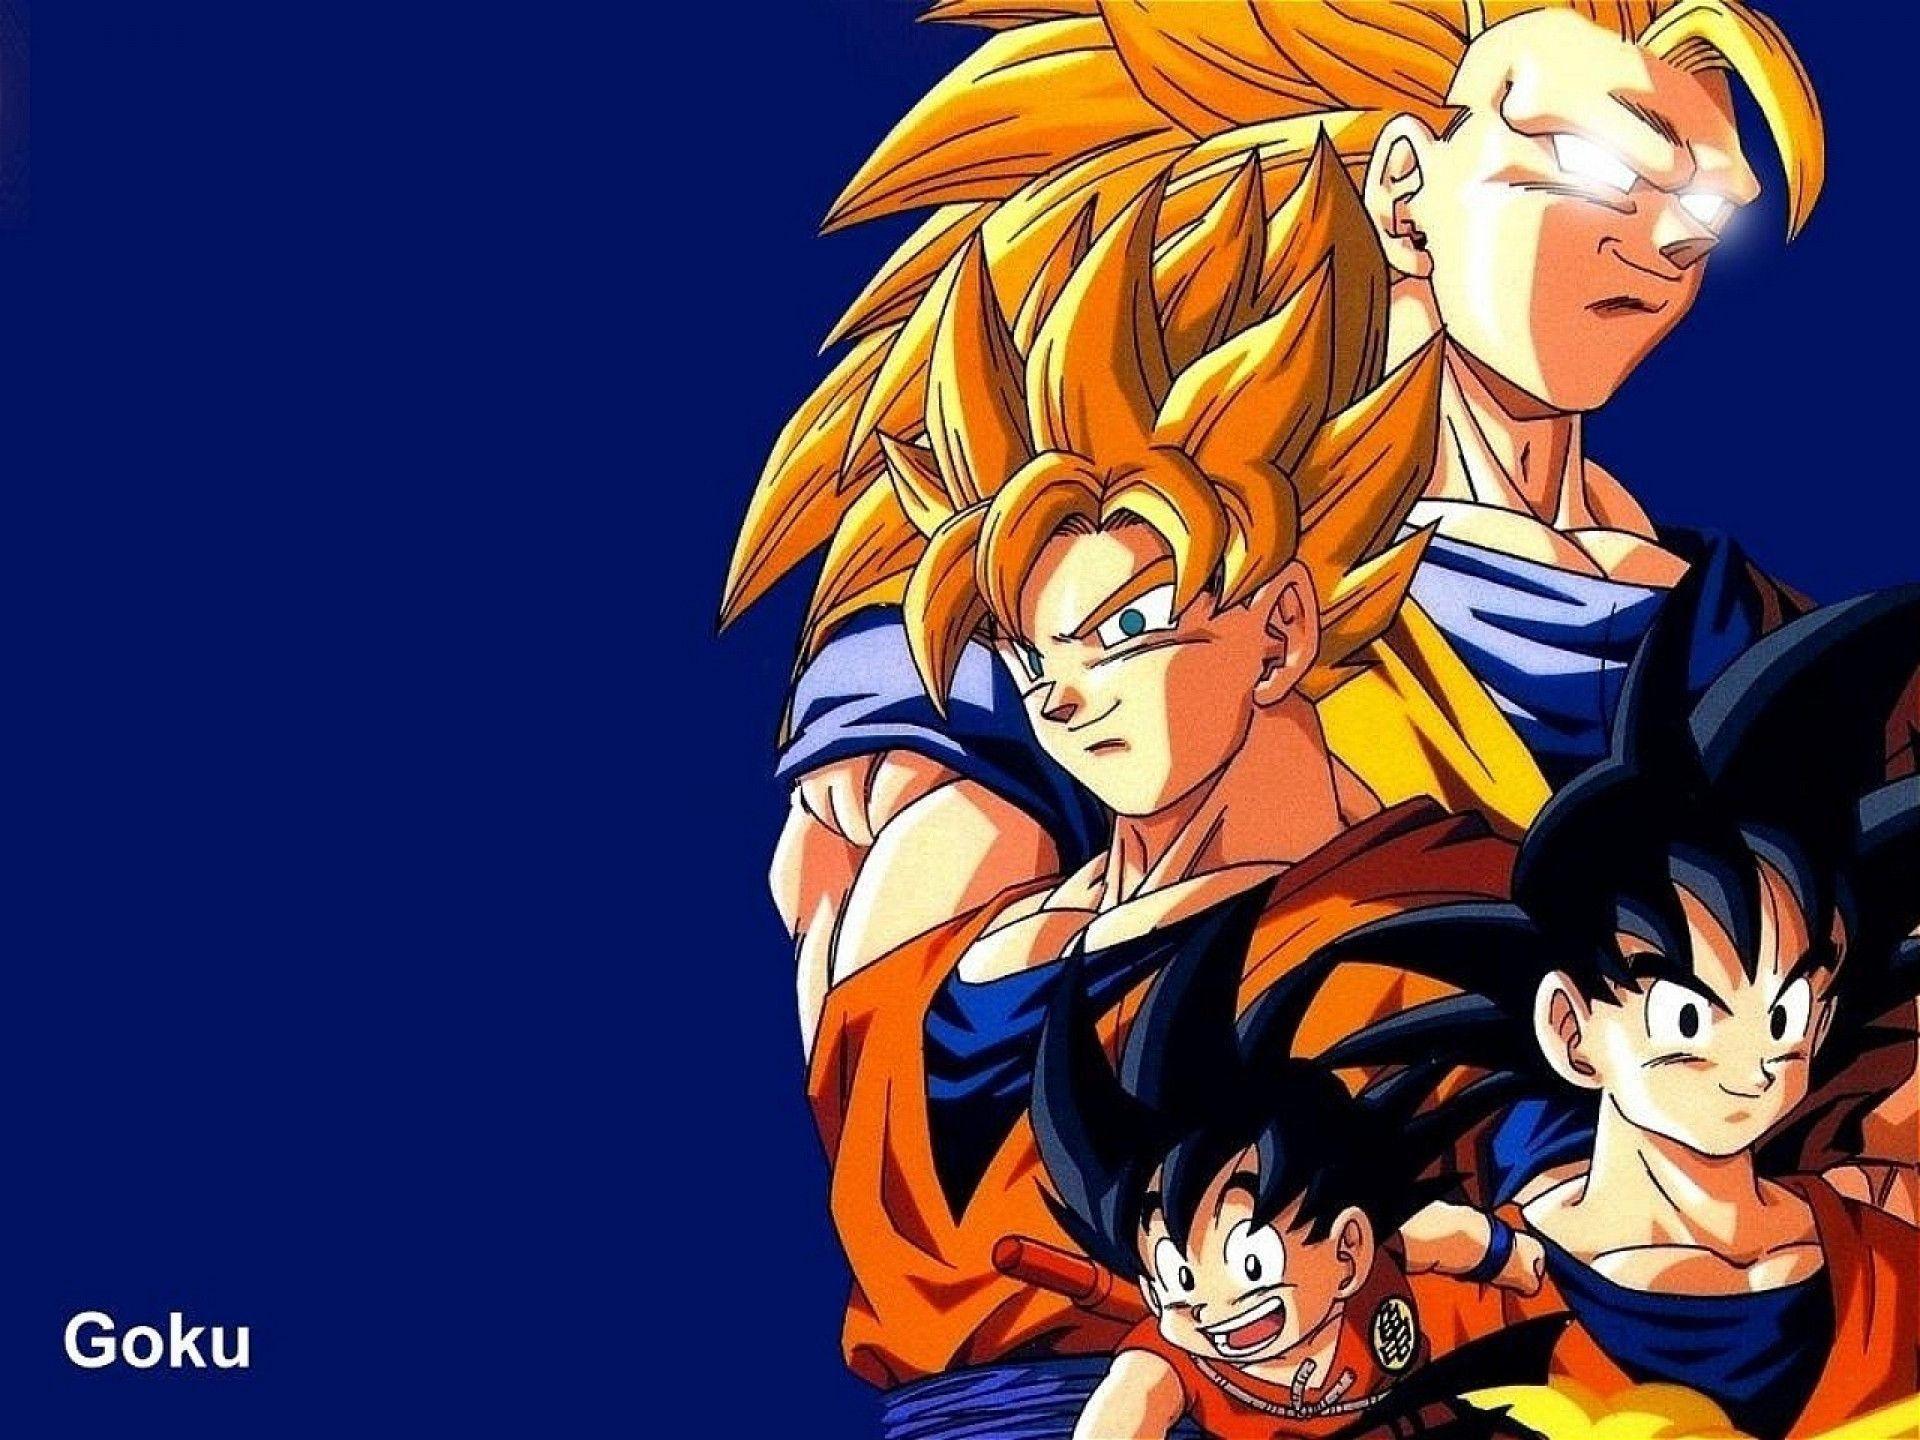 Goku Wallpaper | Large HD Wallpaper Database